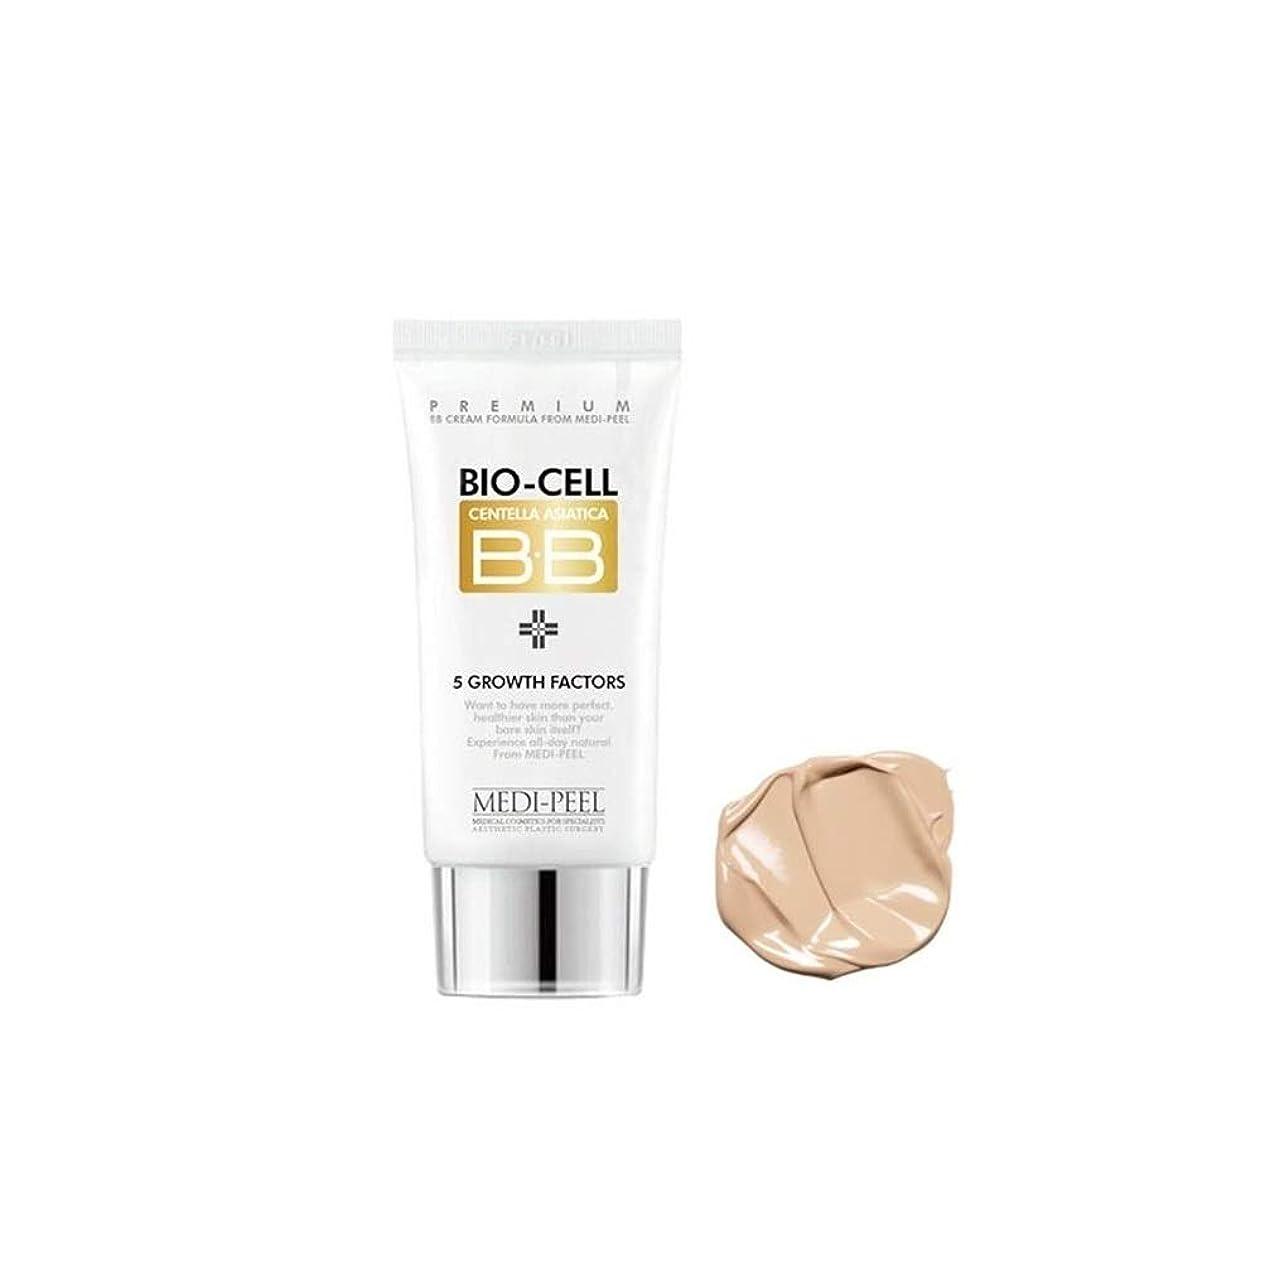 ランダム注入するベアリングサークル[Medi-Peel] メディピール バイオセル BBクリーム 50ml. [美.白?シワ.改善2重機能性化粧品] Medi-Peel Bio-cell BB Cream 50ml.